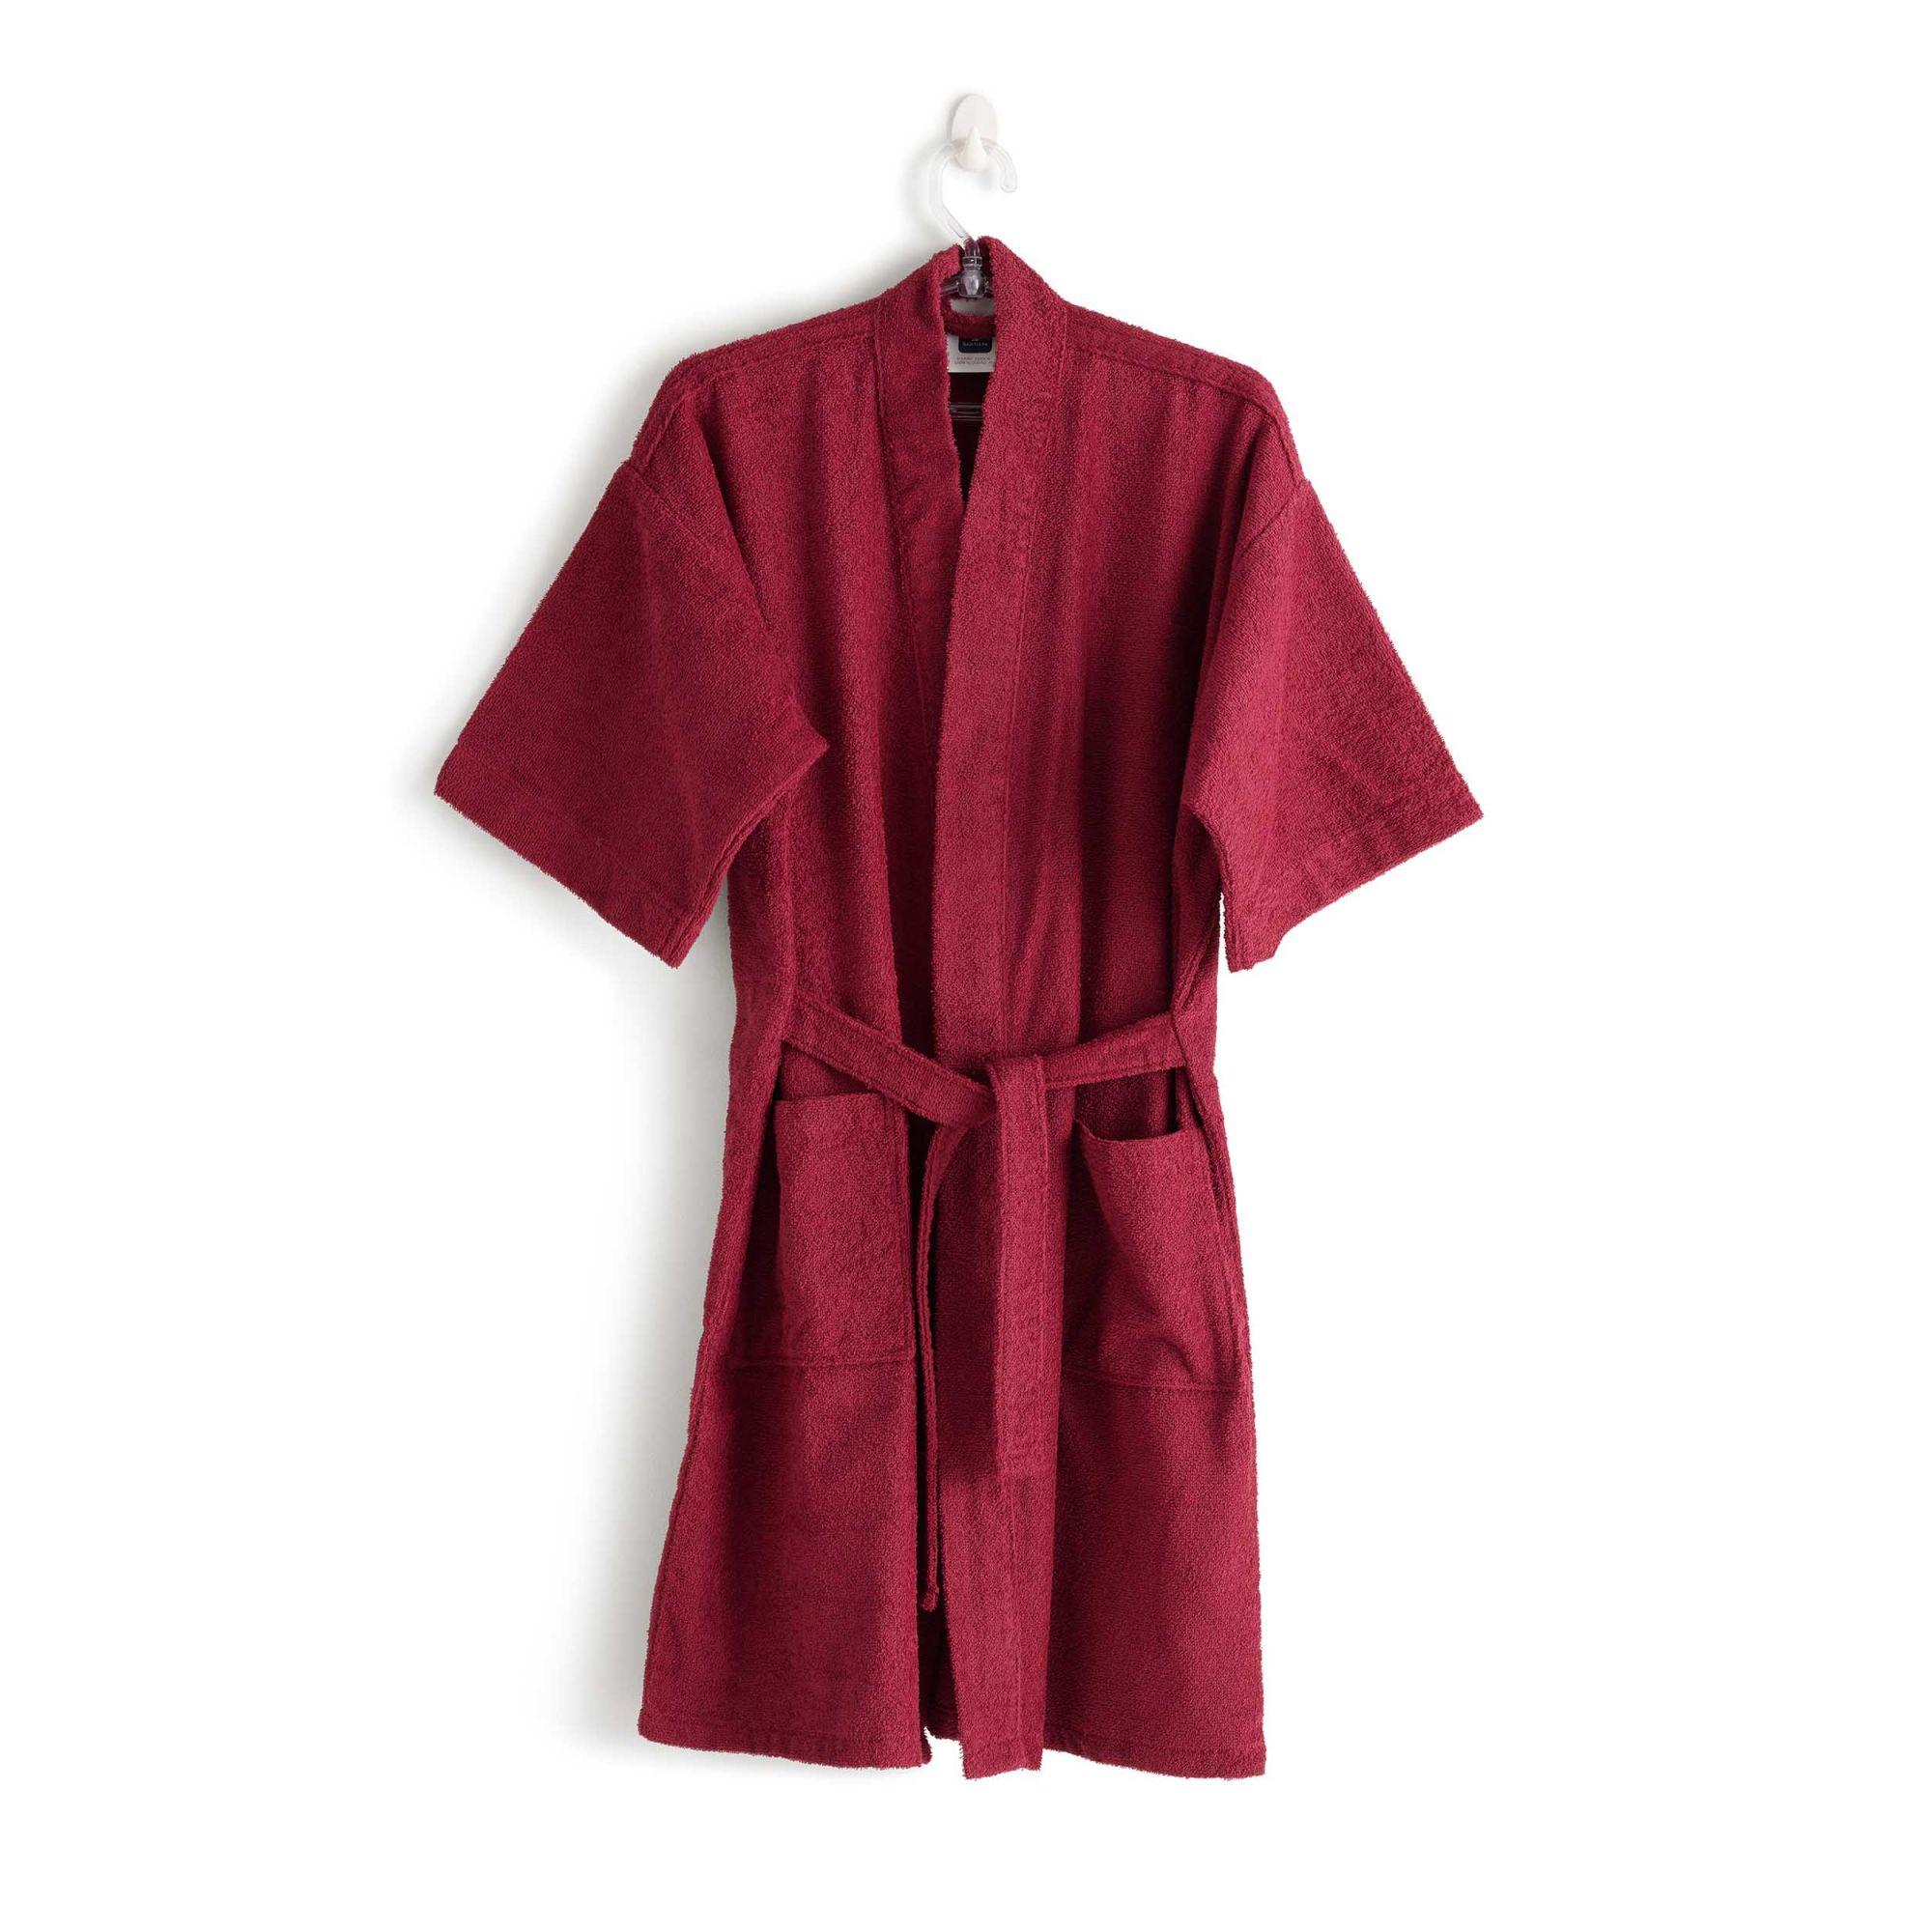 Roupão felpudo judoca vinho santista grande 100% algodão